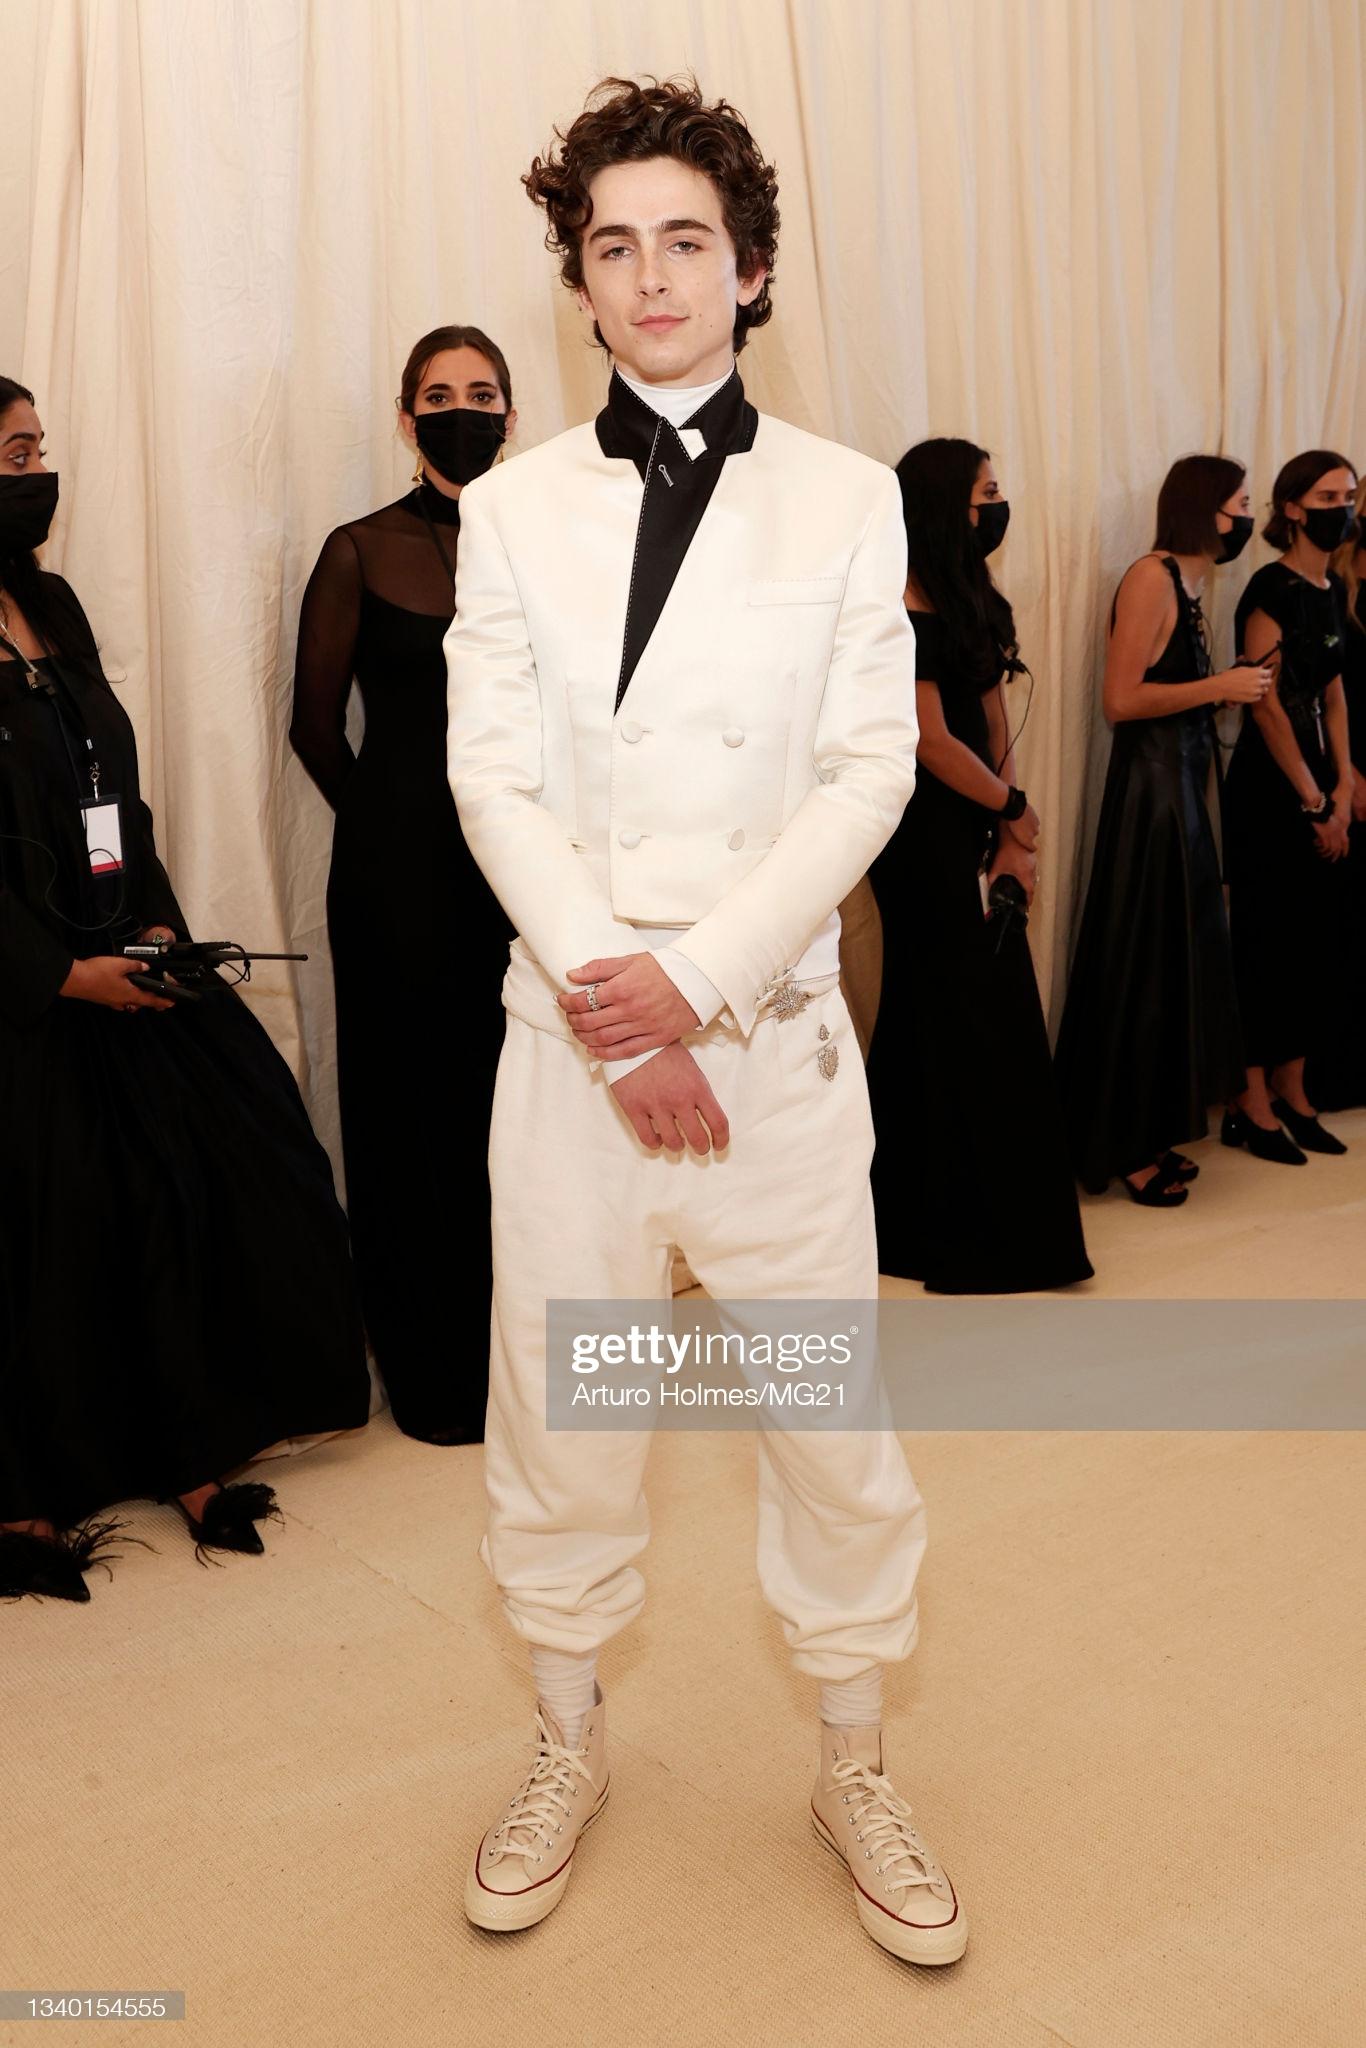 Tài tử đi Met Gala, gặp cả 3 cô bồ cũ: Hết con gái bốc lửa của Madonna đến ái nữ nhà Johnny Depp diện Chanel sặc mùi tiền - Ảnh 4.